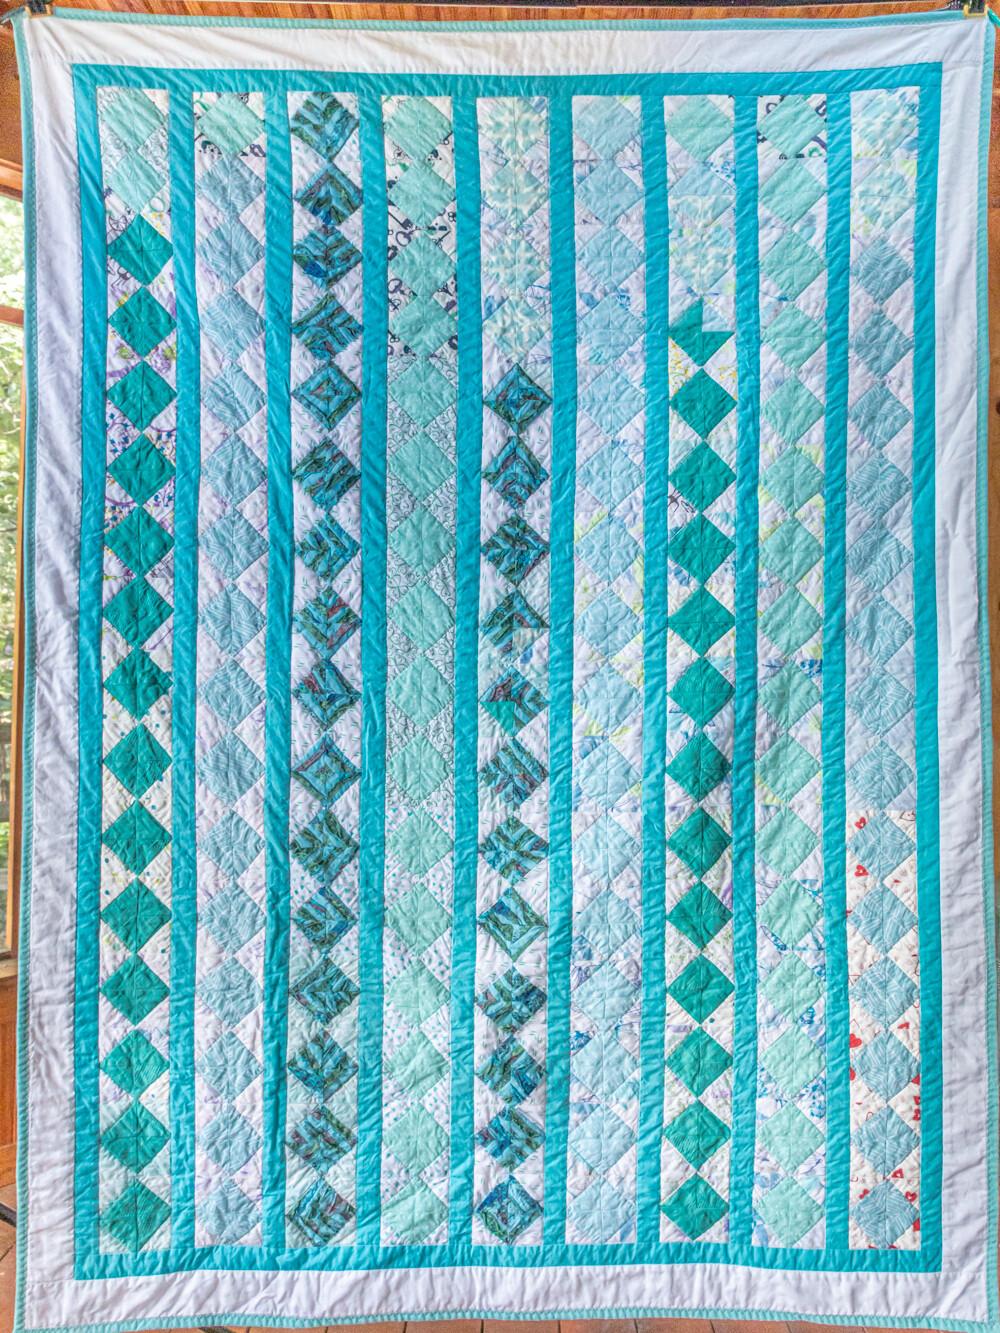 Quilt #14 - Aqua Squares on Point